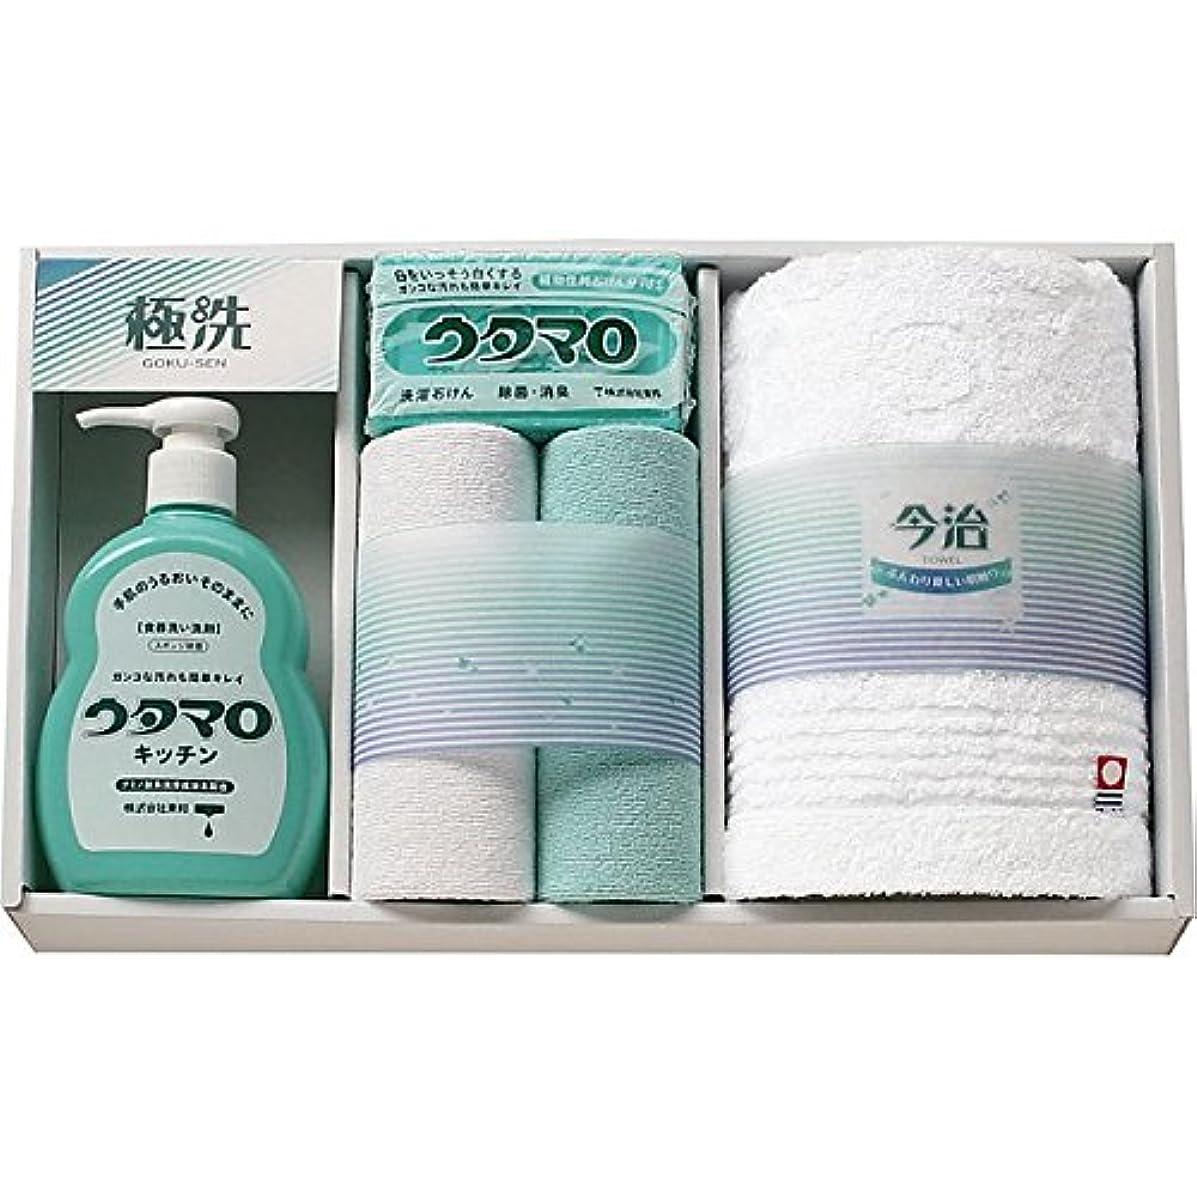 民族主義仕事シマウマ(ウタマロ) 石鹸?キッチン洗剤ギフト (835-1055r)